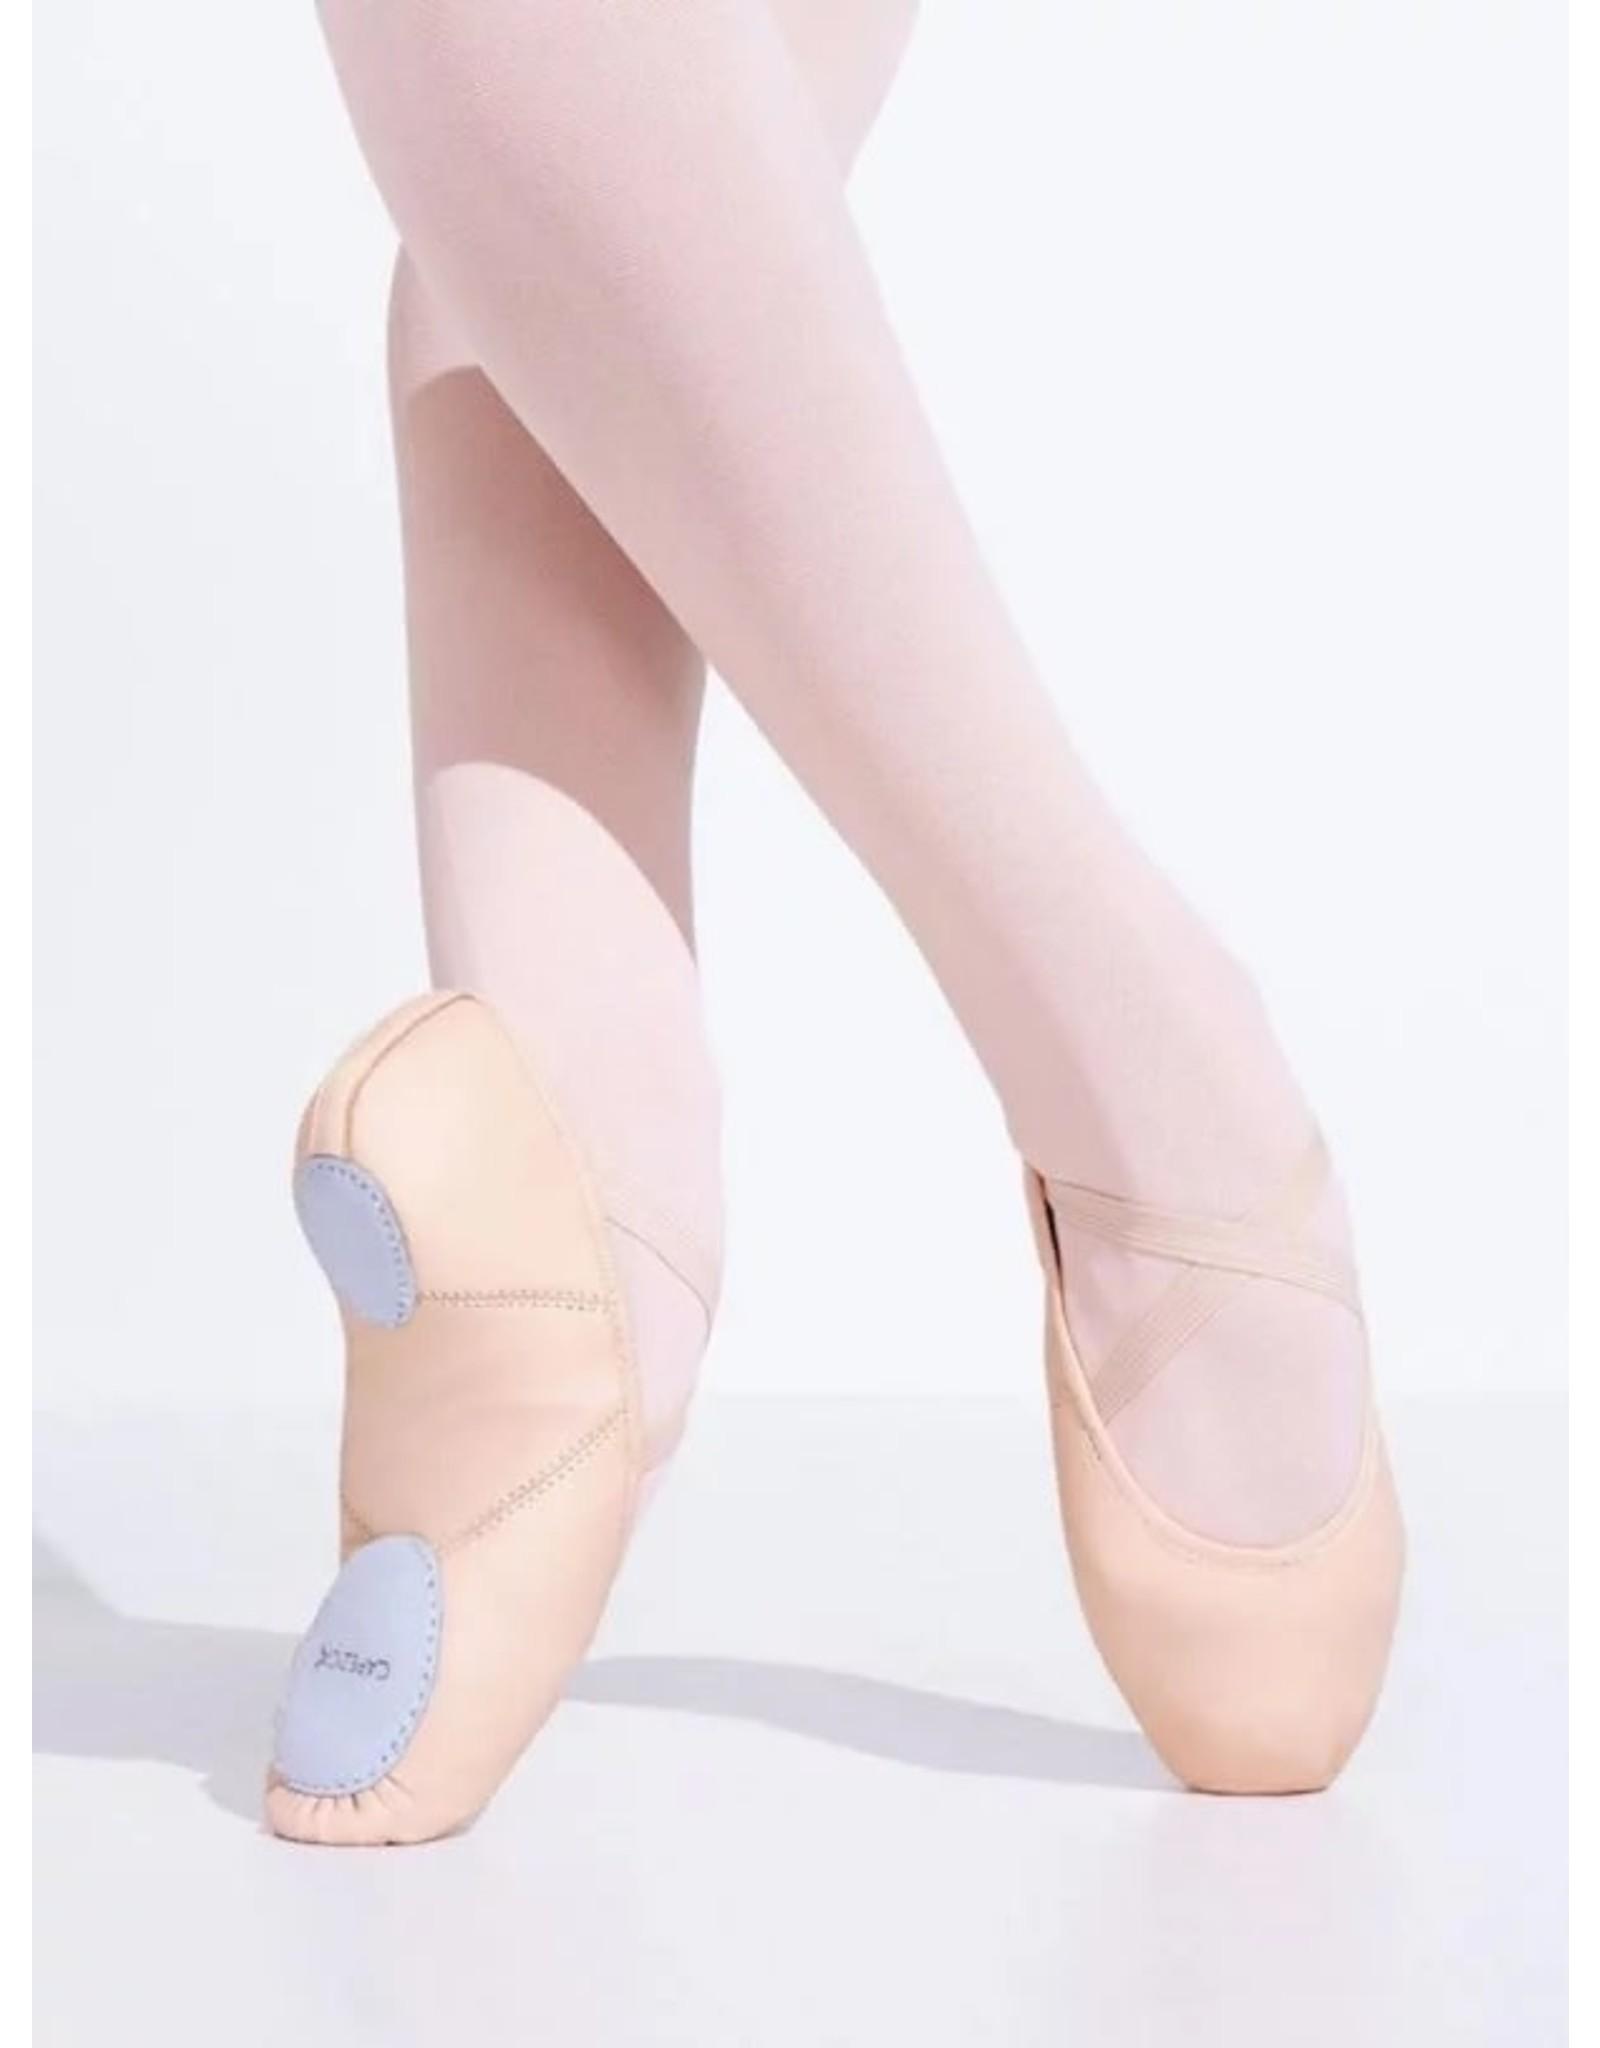 Capezio 2027 Juliet Leather Split Sole Ballet Shoes